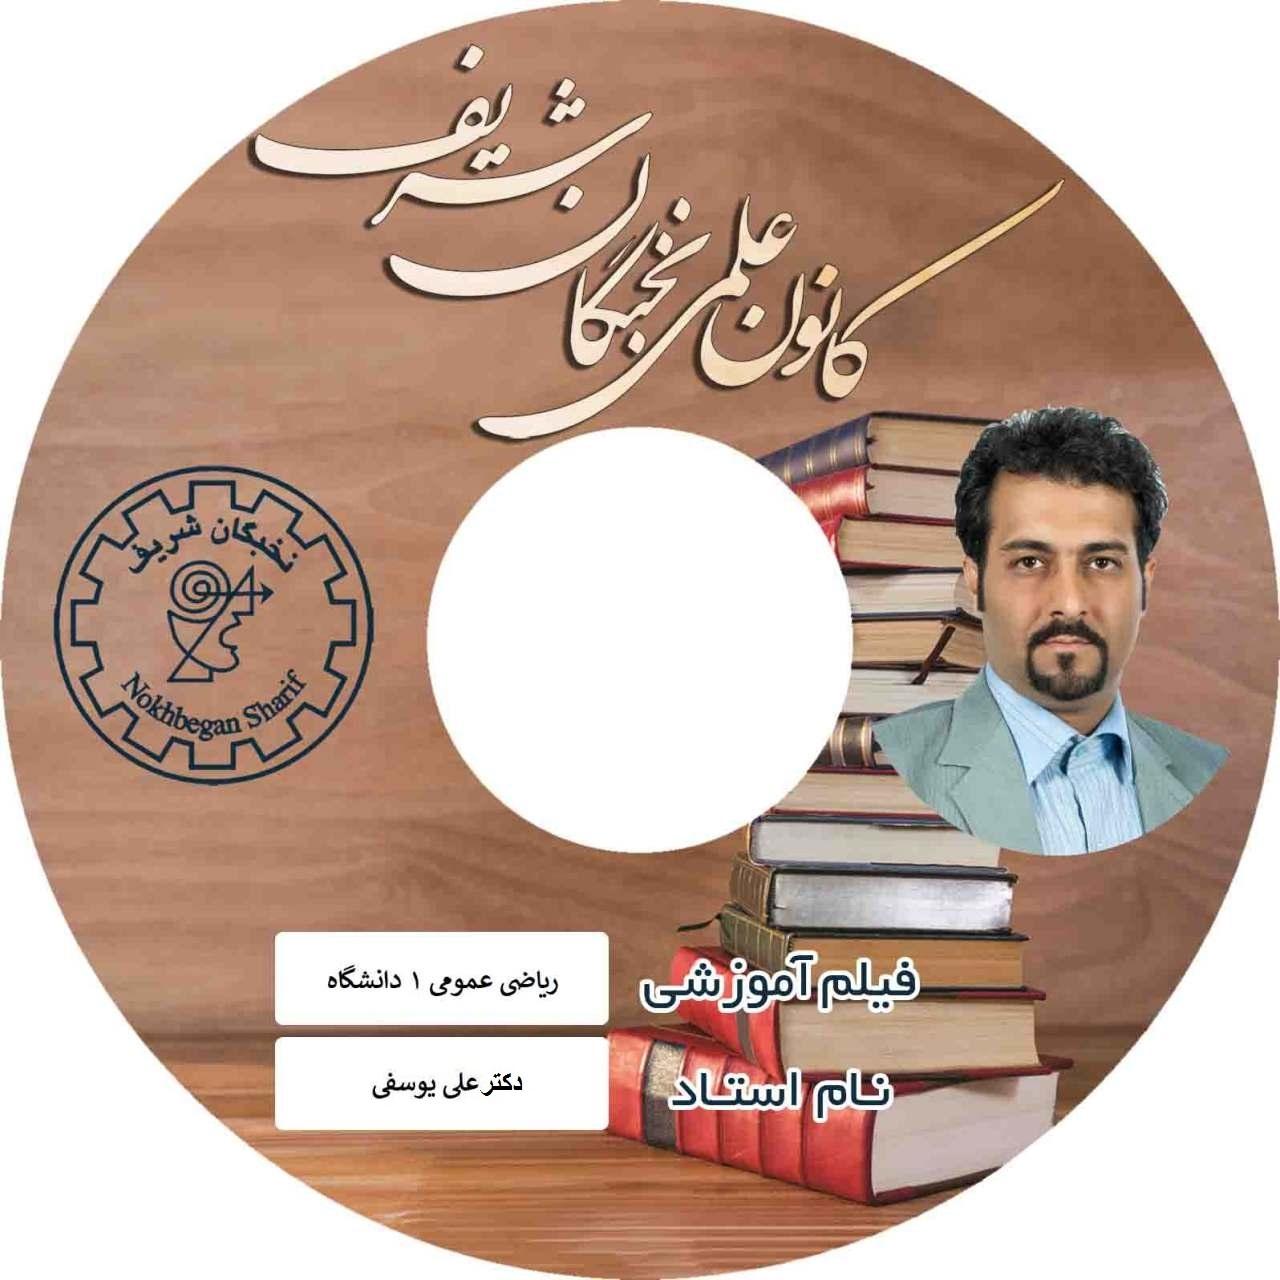 آموزش تصویری ریاضی ۱ دانشگاه نشر کانون علمی نخبگان شریف